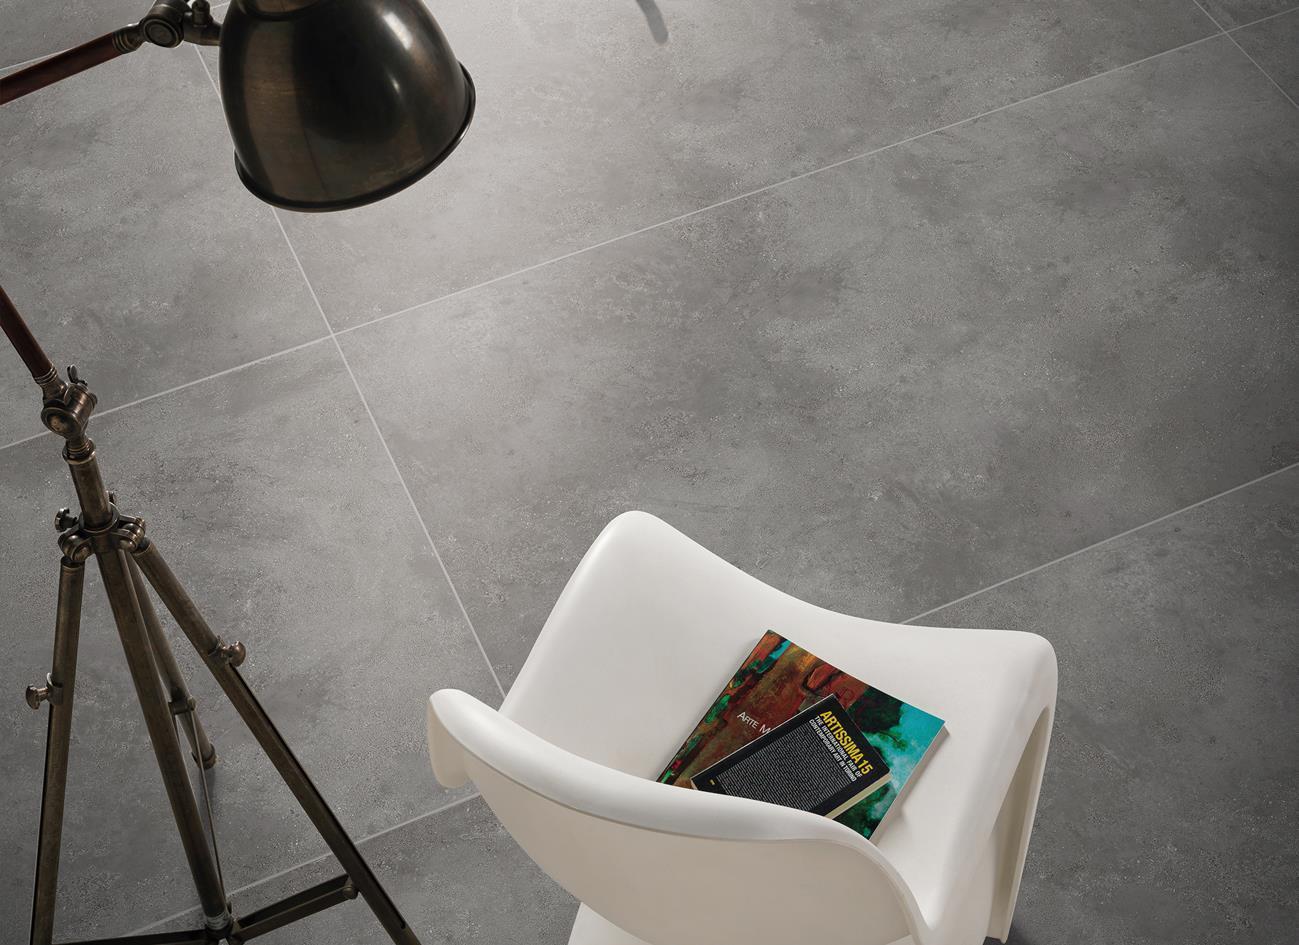 什么是全拋通體大理石大板?全拋通體大理石大板做幕墻瓷磚效果怎么樣?